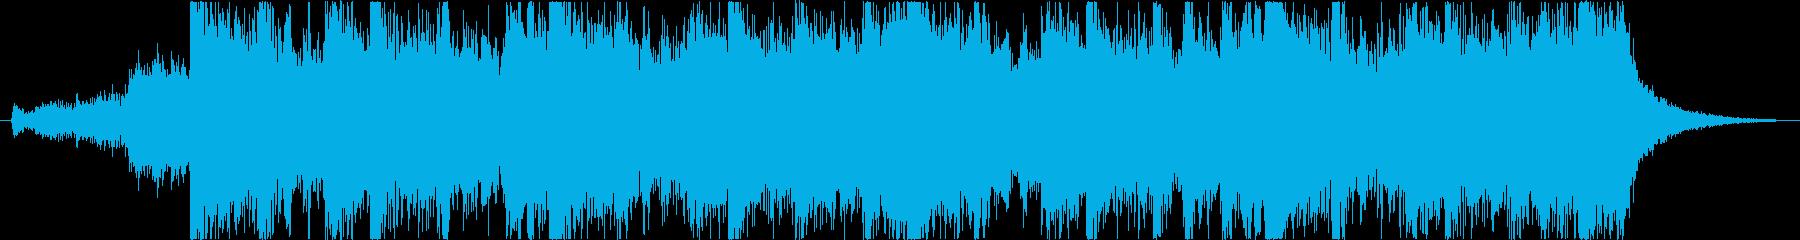 感動シネマティックエピックオーケストラeの再生済みの波形